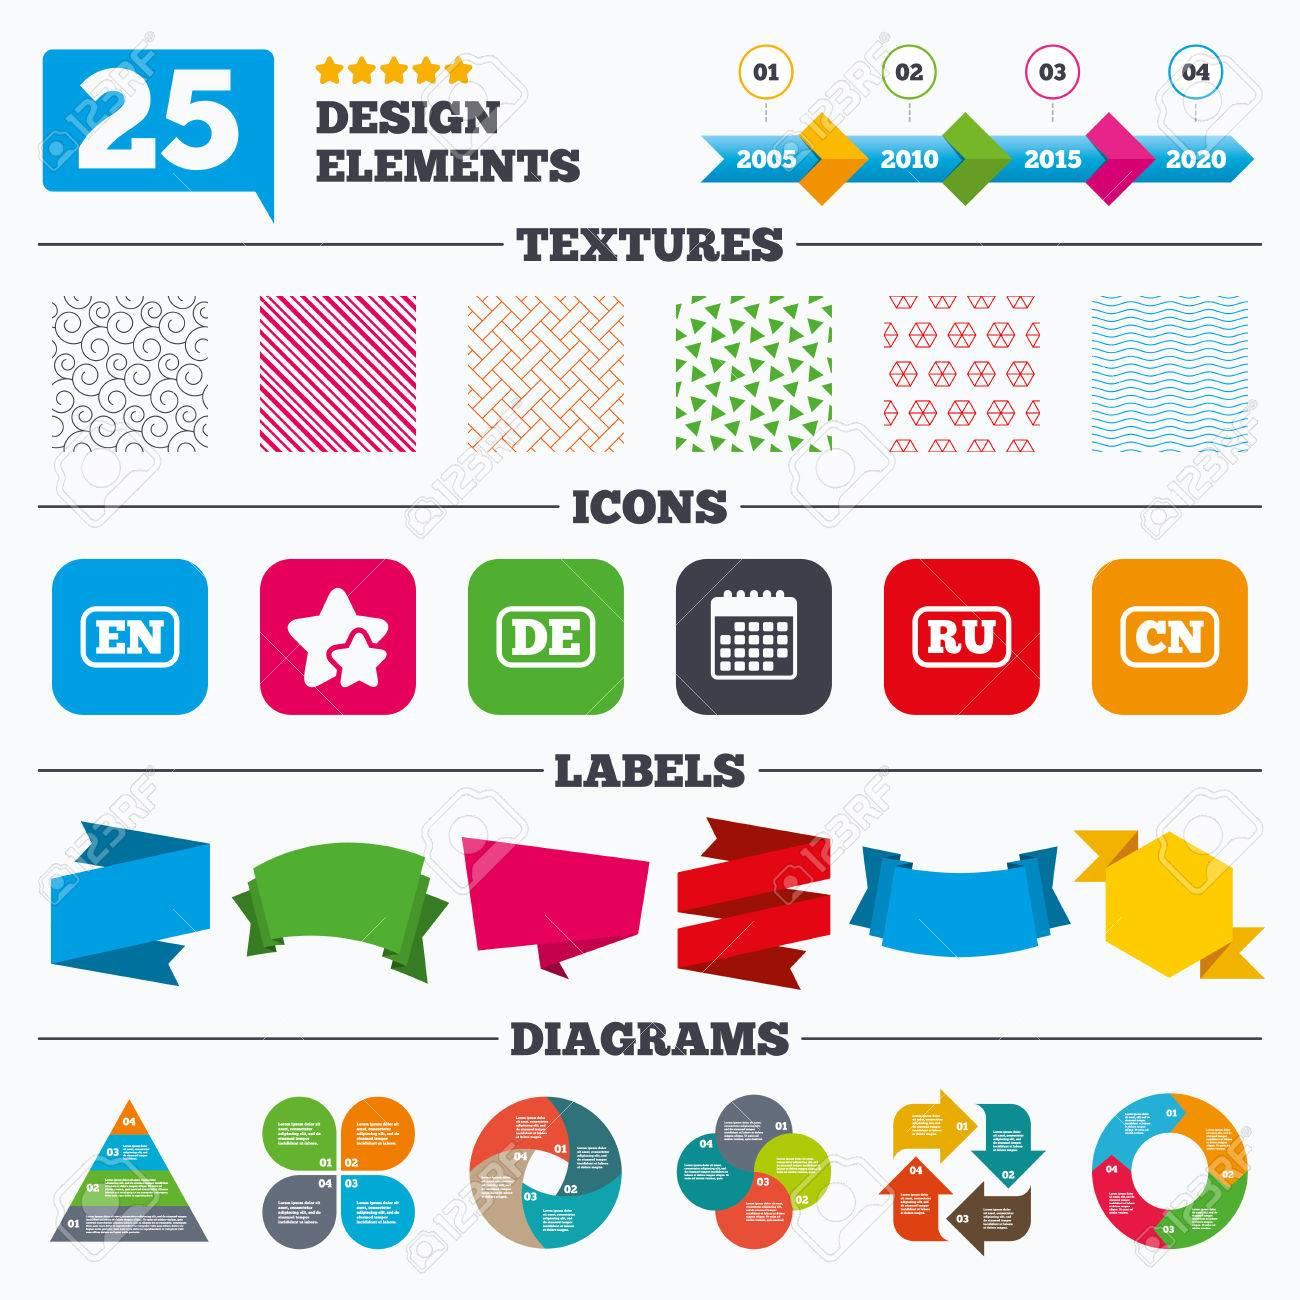 Angebot Verkauf Tags Texturen Und Charts Sprache Symbole En De